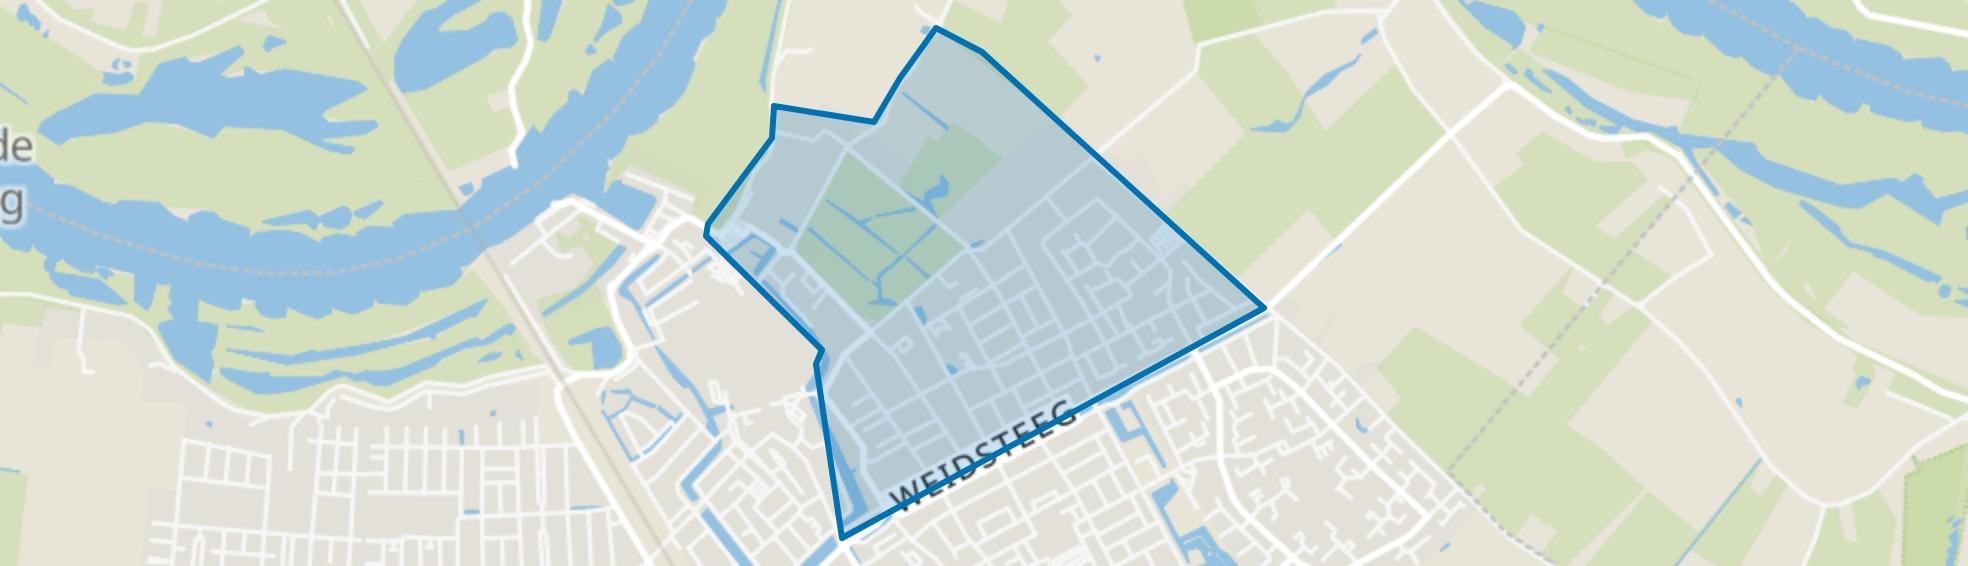 Noordoostelijke Buitenwijken, Culemborg map